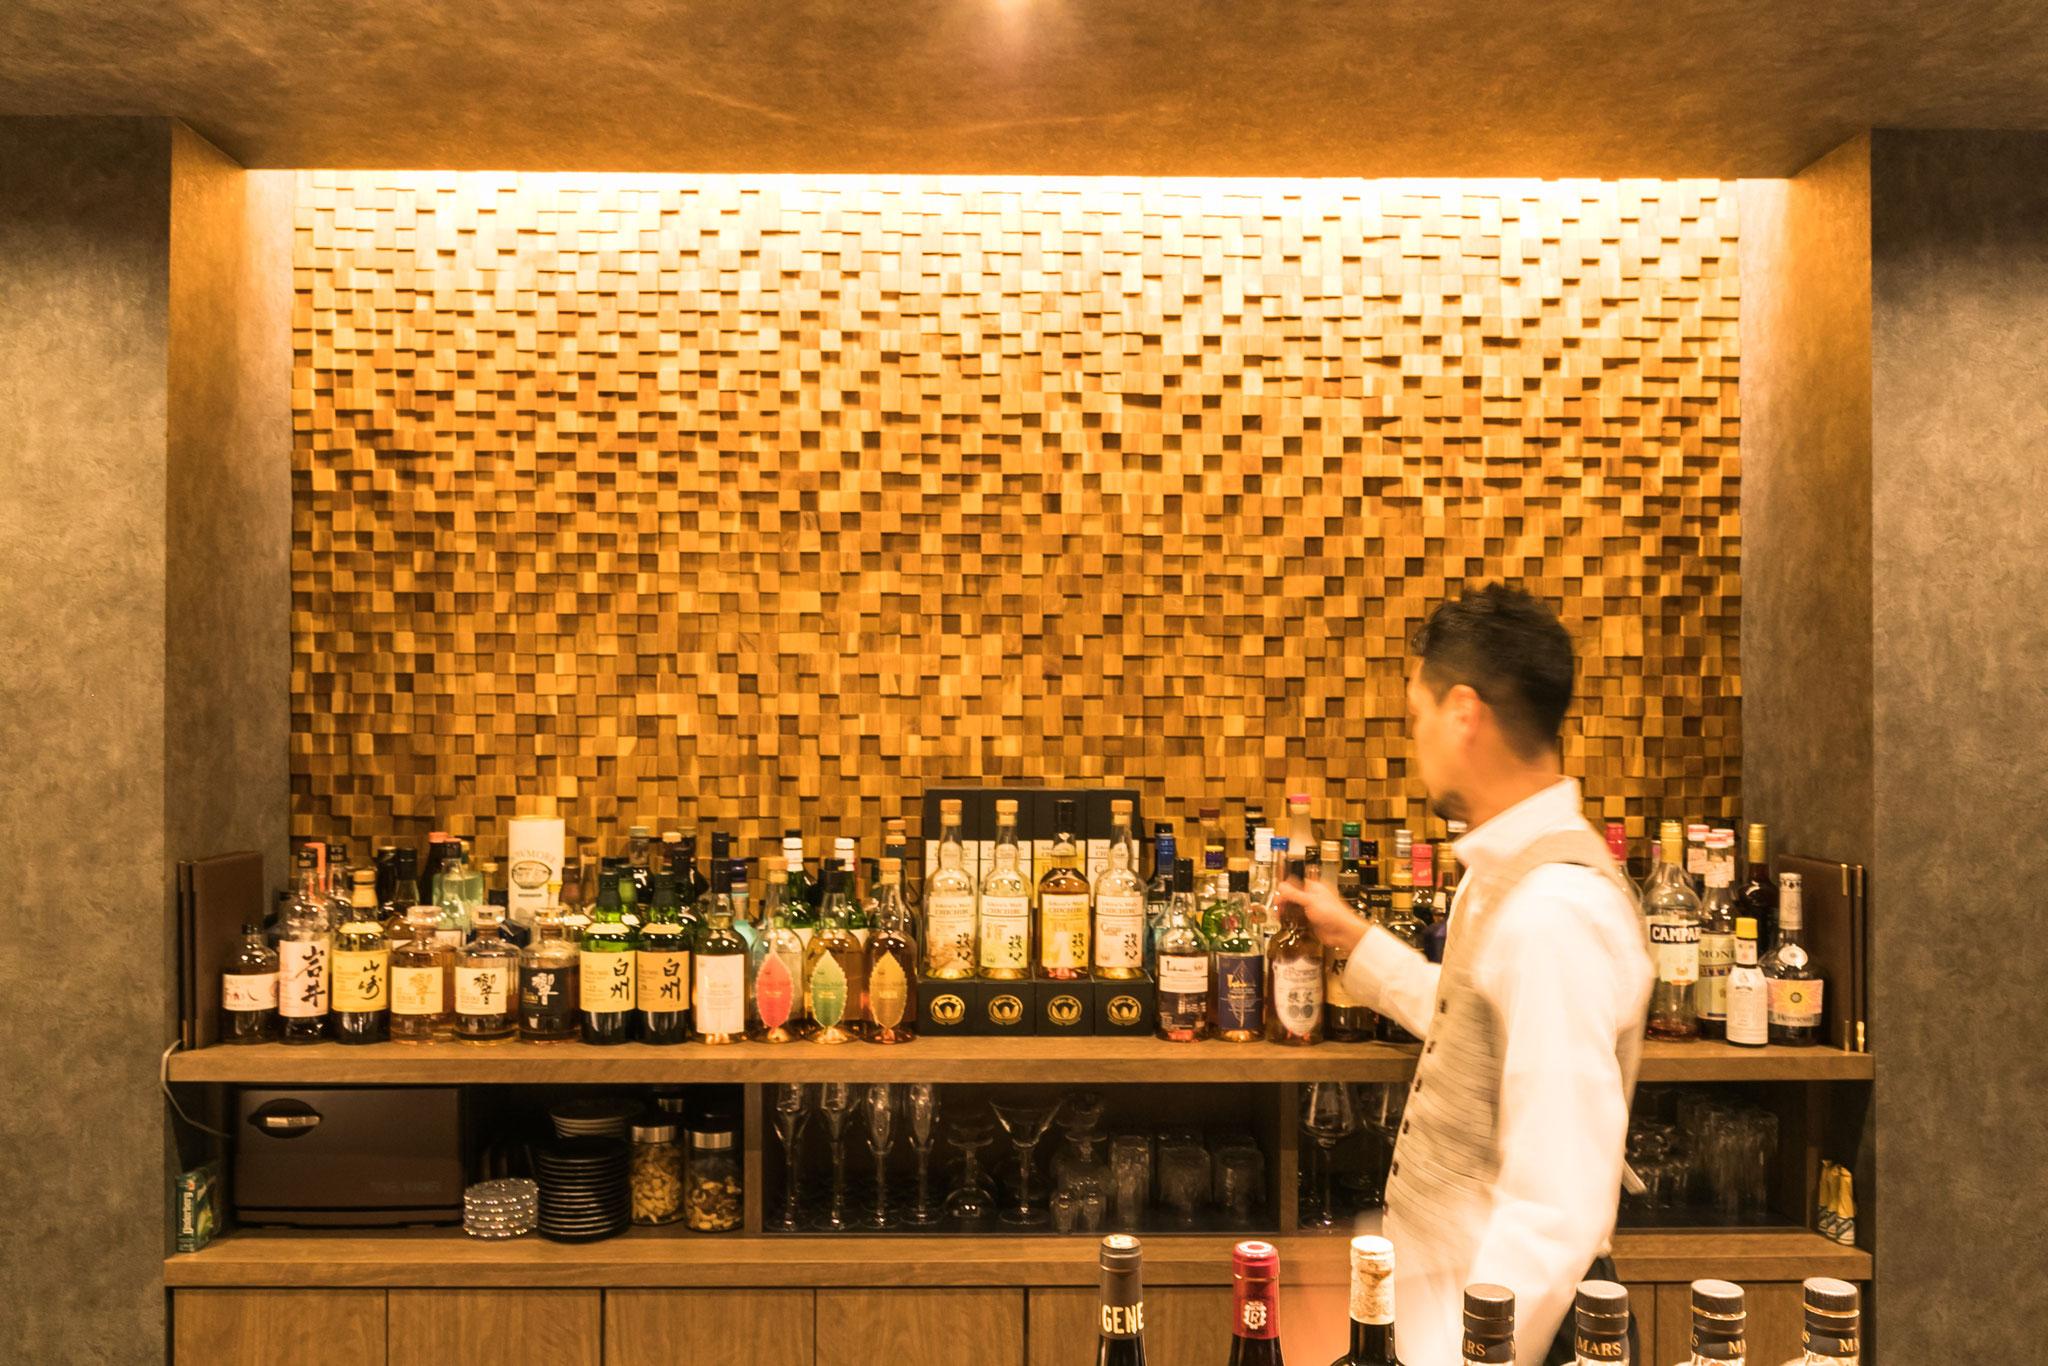 イチローズモルトをはじめ,ジャパニーズウイスキーを豊富により揃えています。